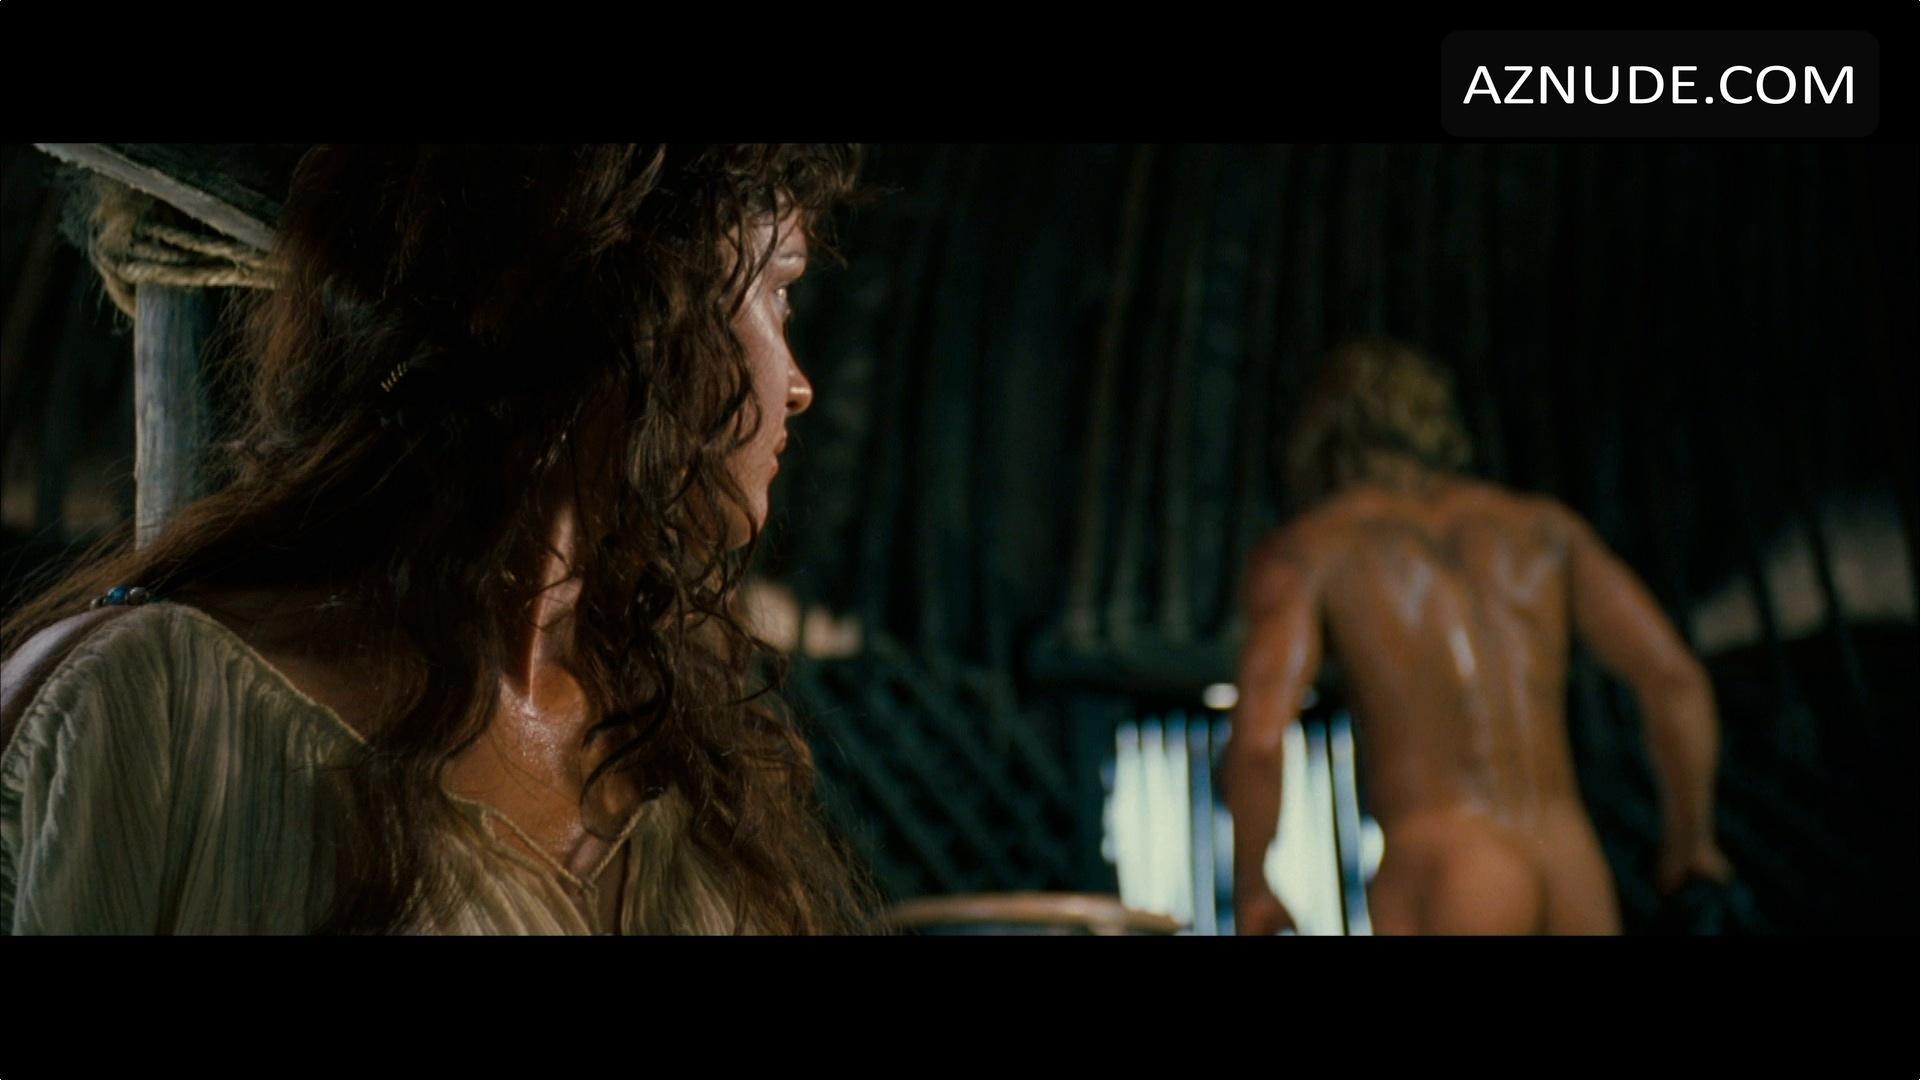 Brad pitt naked pics xxx sex images